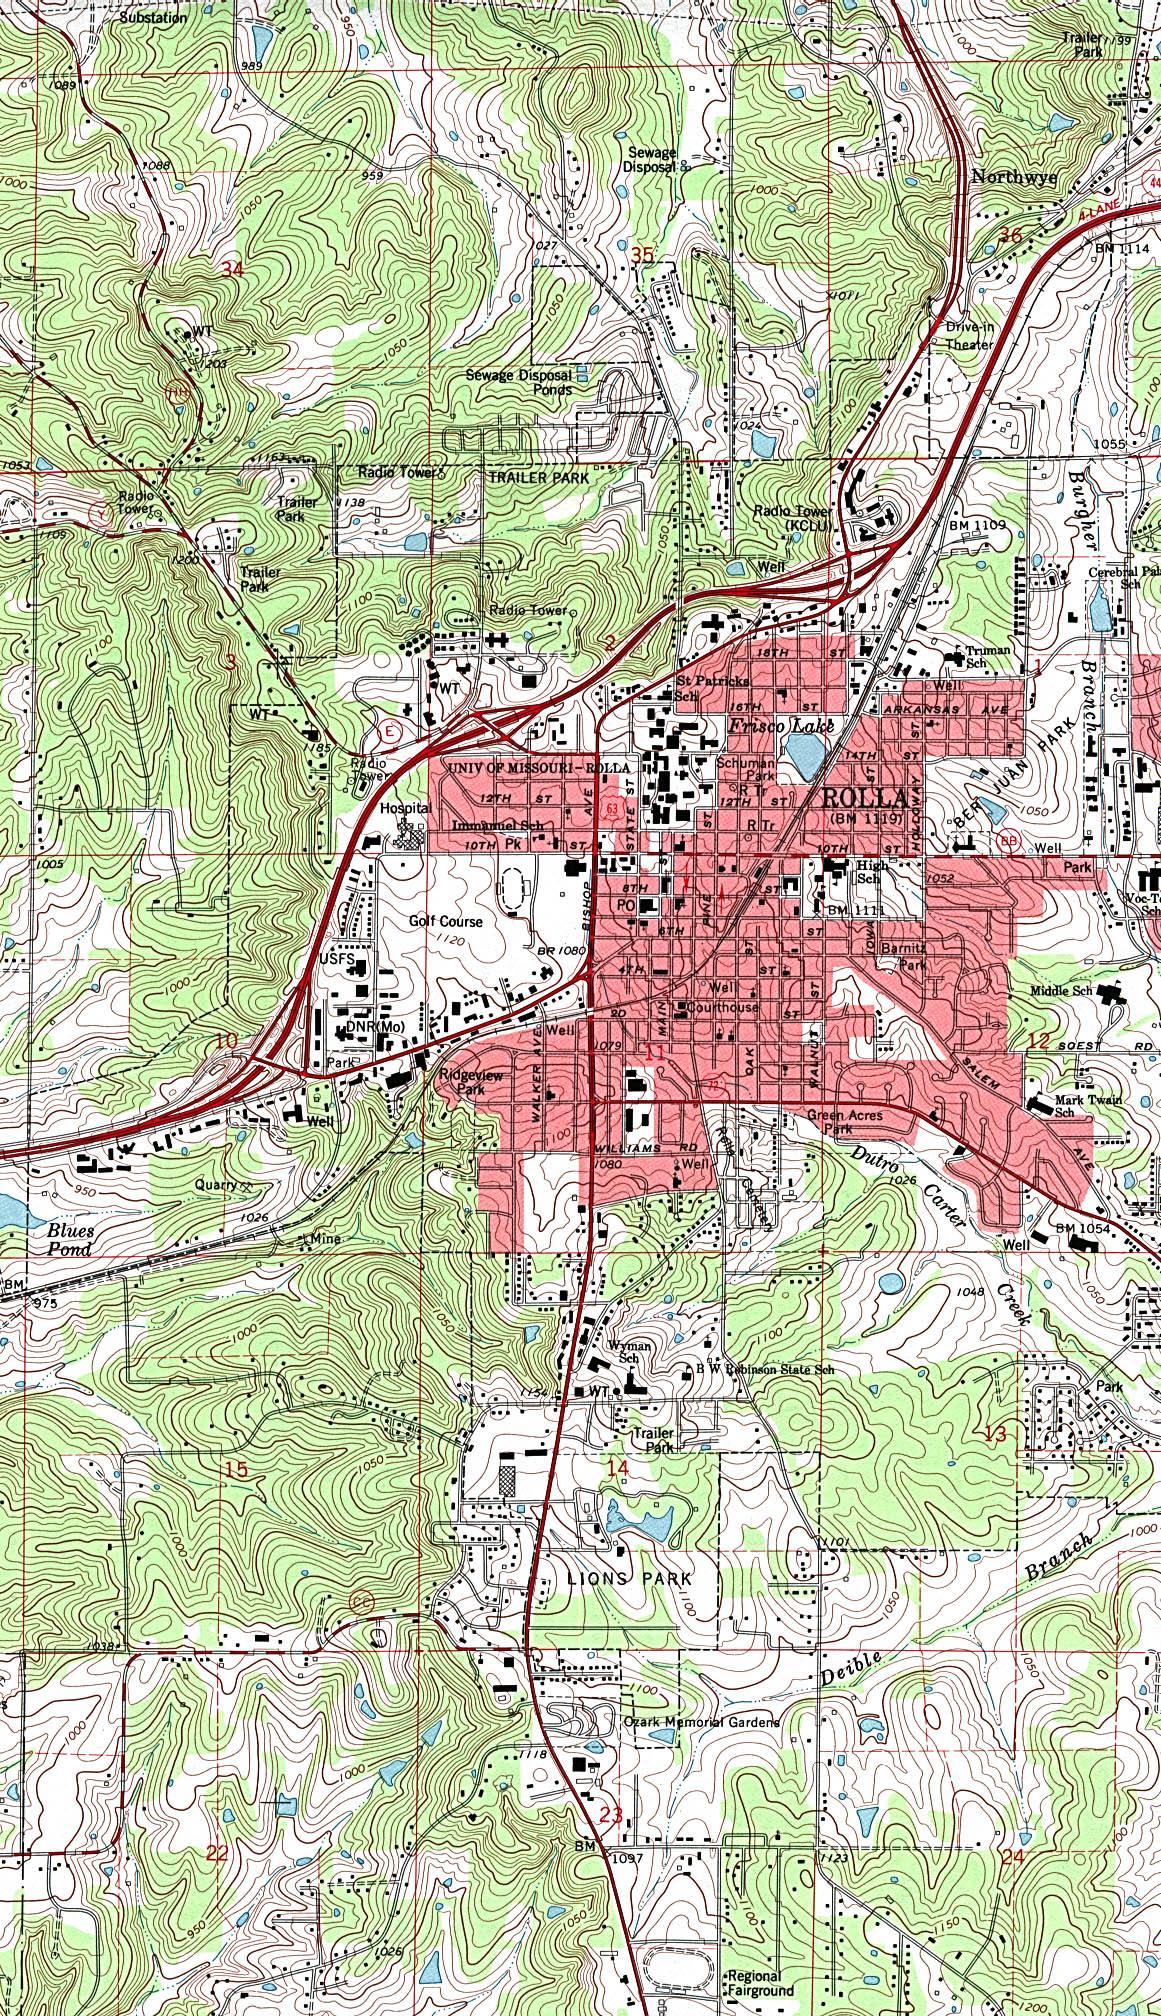 Mapa Topográfico de la Ciudad de Rolla, Missouri, Estados Unidos